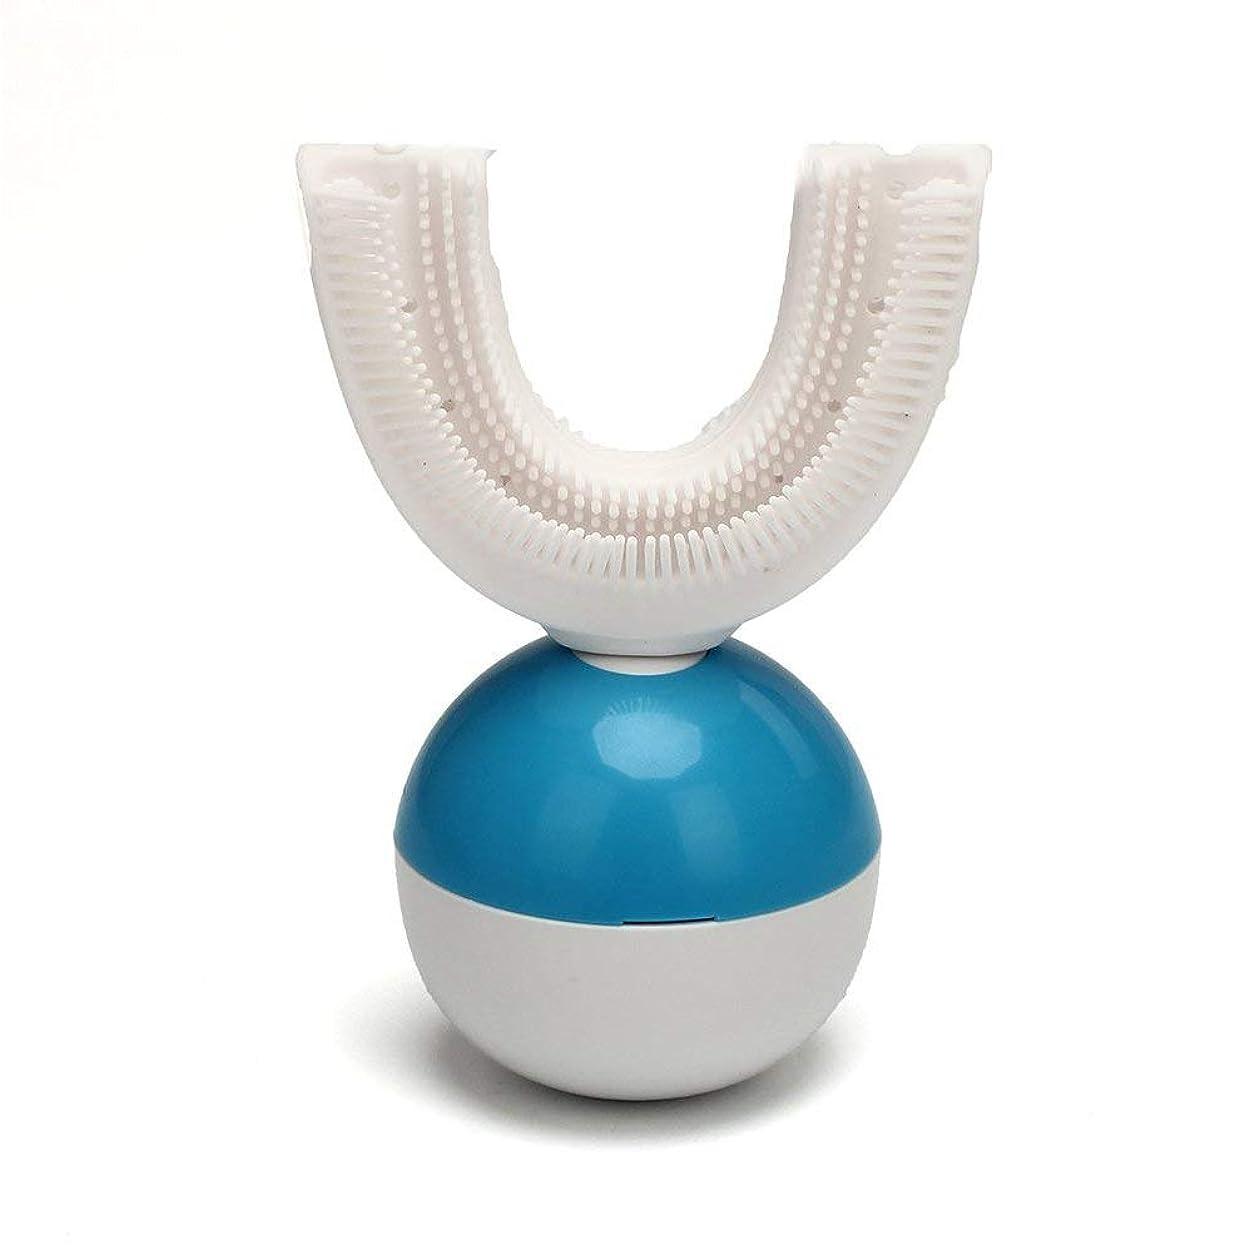 小屋エンドウパースIPO 電動歯ブラシ 360°自動歯ブラシ U型 音波 自動 ワイヤレス充電 成人 怠け者 ユニークなU字型のマウスピース わずか10秒で歯磨き 自動バブル 2本の歯ブラシヘッド付き あなたの手を解放 磁気吸引接続 歯ブラシ ホワイト